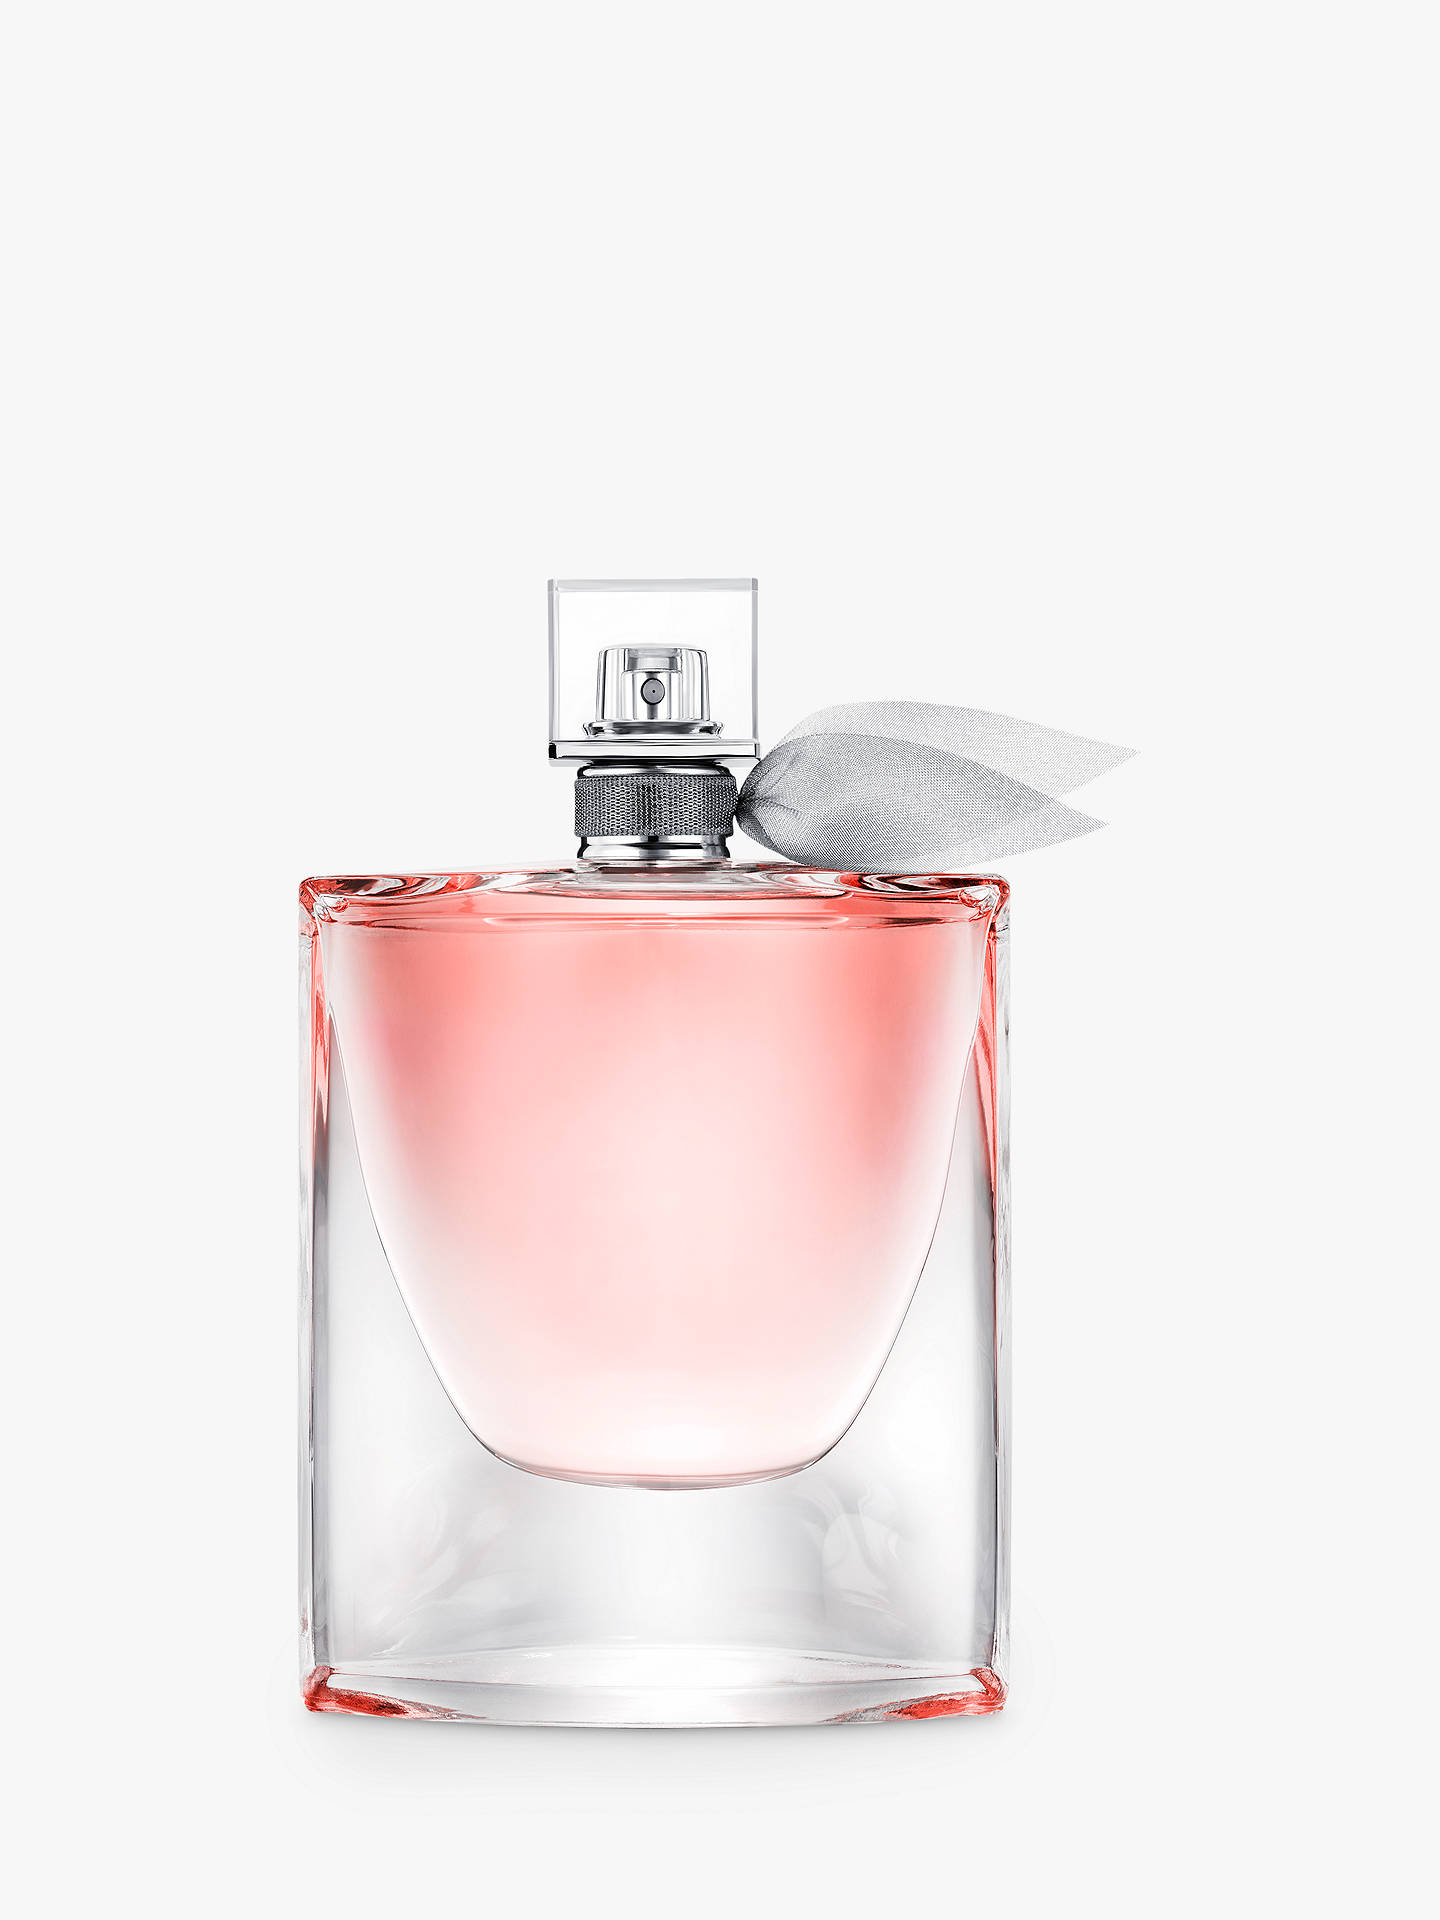 7409f763ef Lancôme La Vie Est Belle Eau de Parfum at John Lewis   Partners